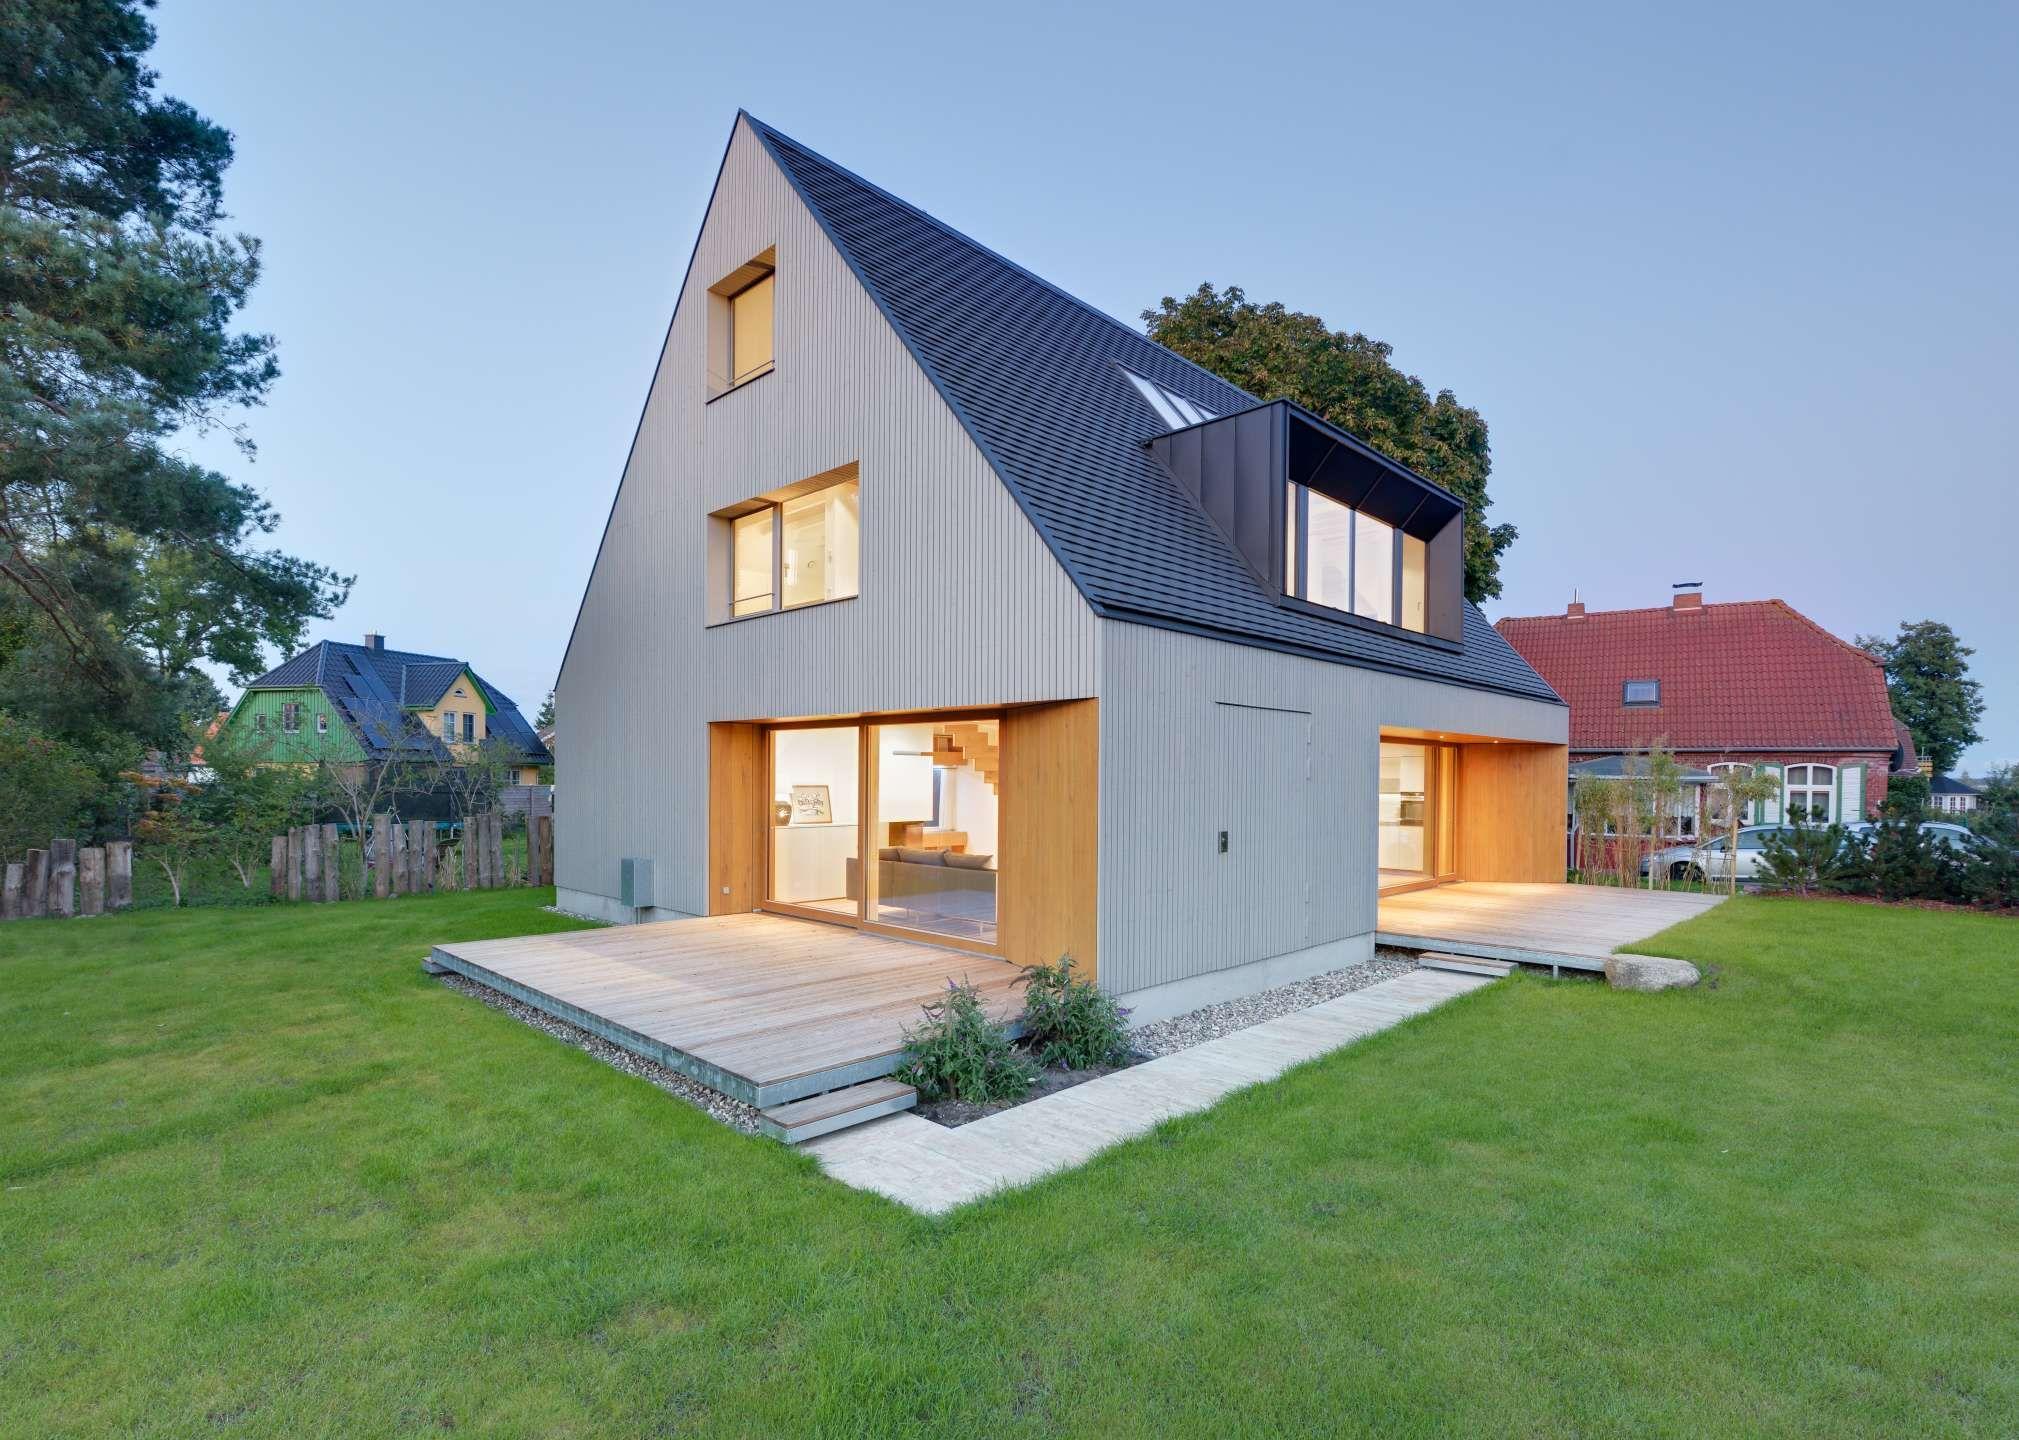 Bildergalerie Haus Modernisieren Baustil Haus Bauen